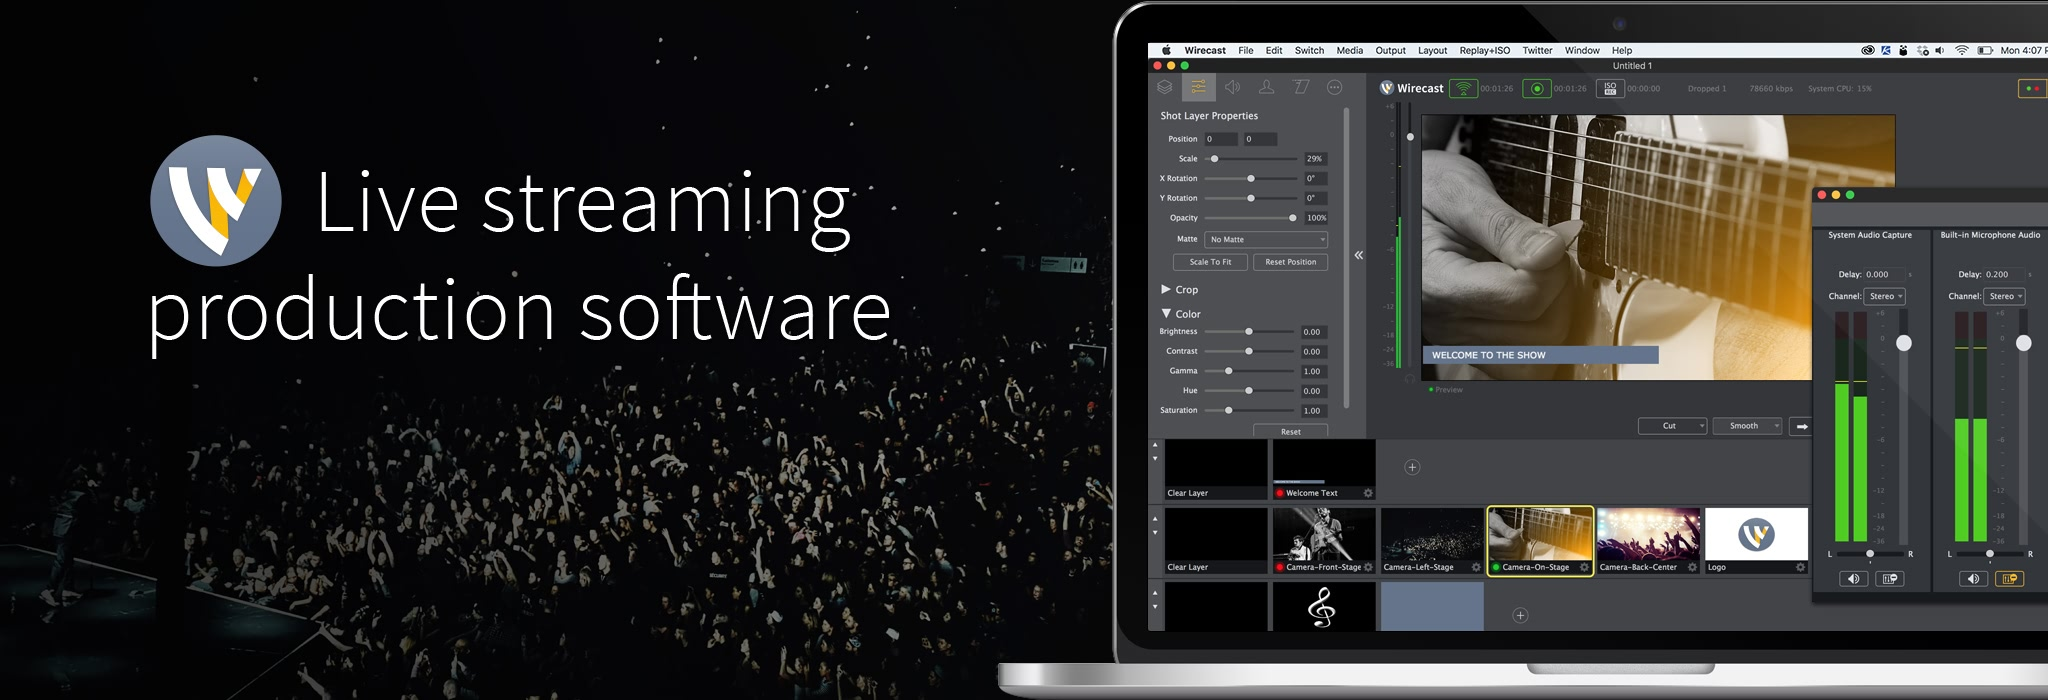 Wirecast Pro 12.0.0 专业摄像直播视频工具